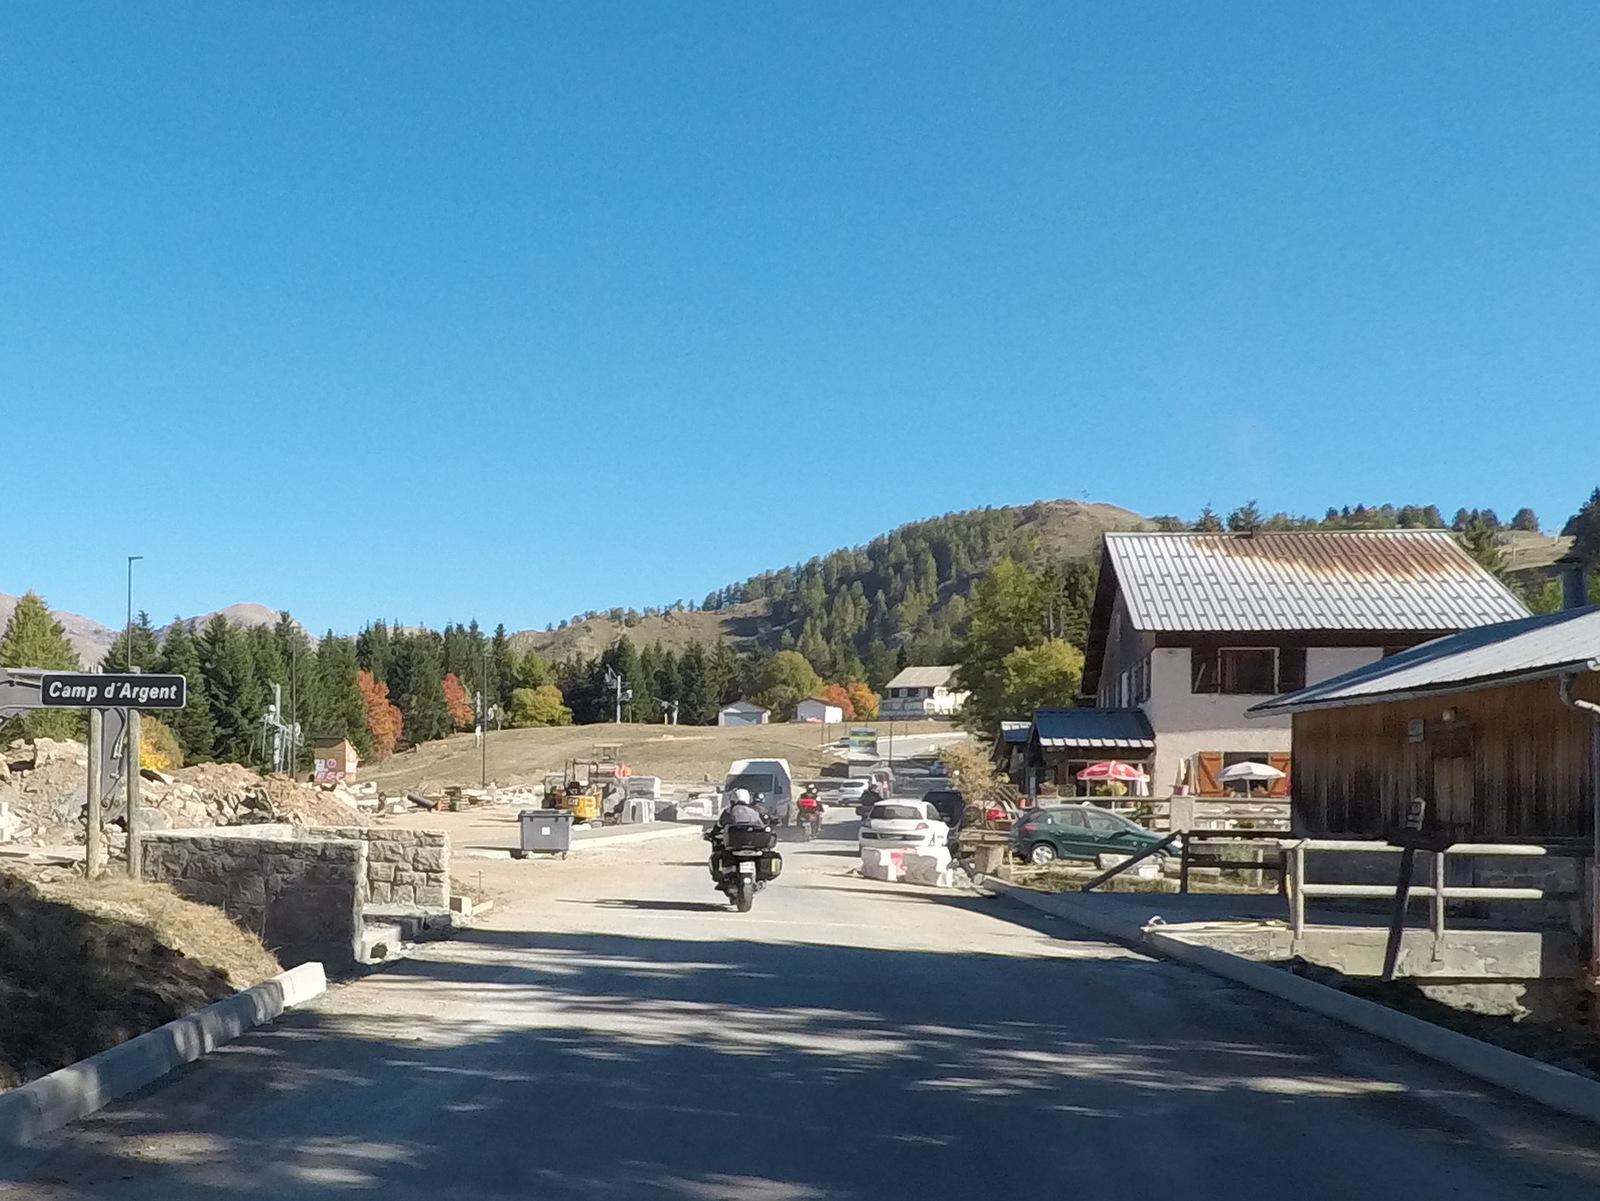 station de ski du Camp d'Argent